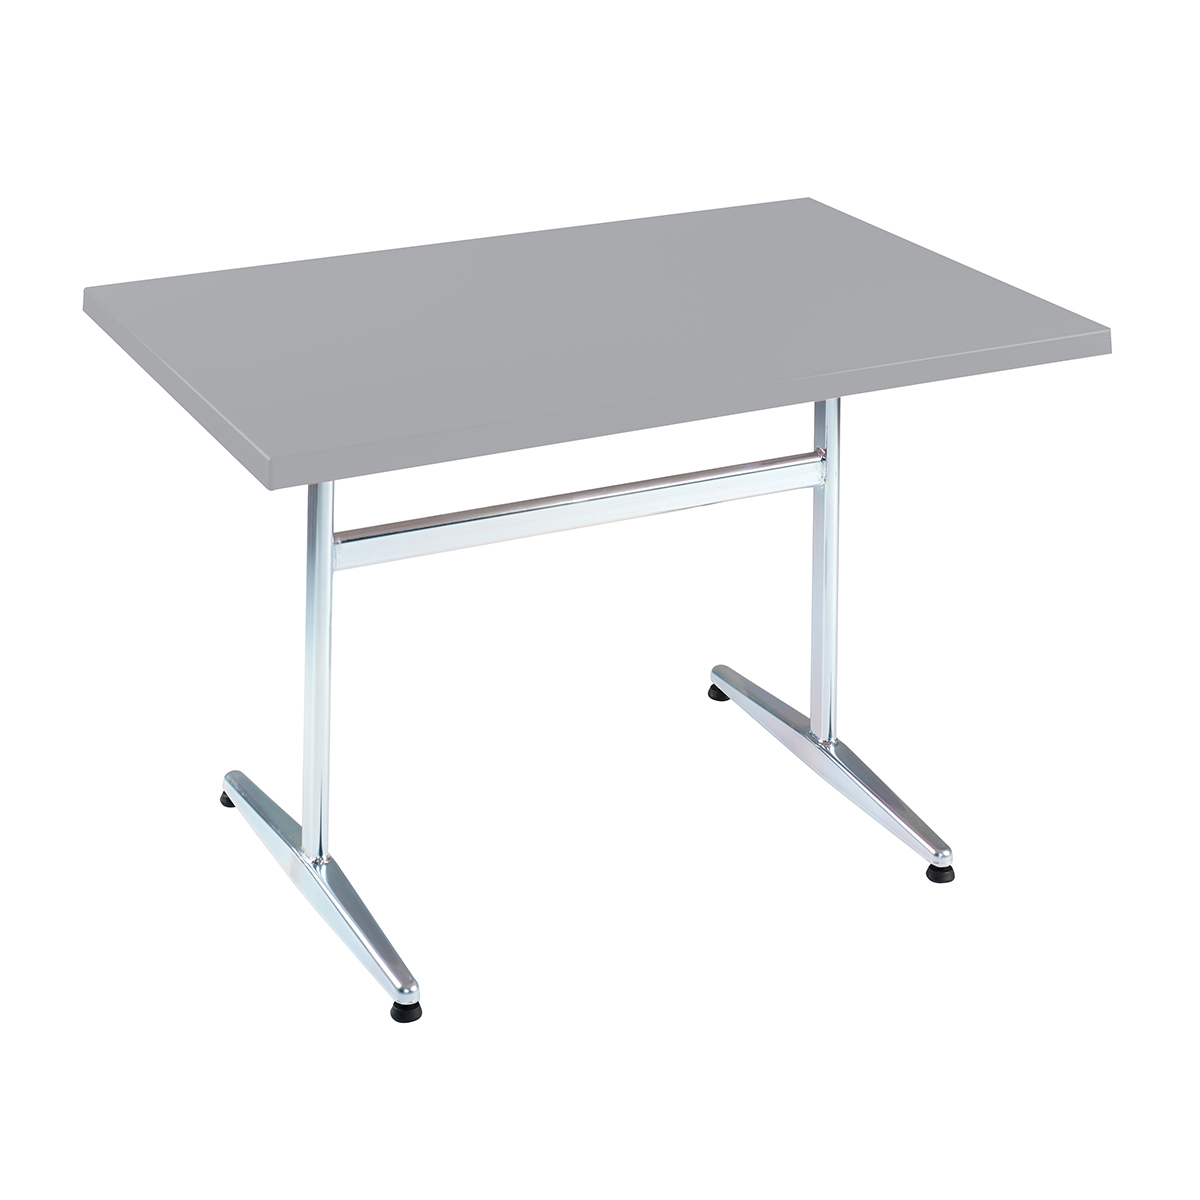 GFK Tisch silber, glanz, Untergestell galvanisch, T-Gestell Basic, 120 x 70 x 3.5 cm, H 73 cm